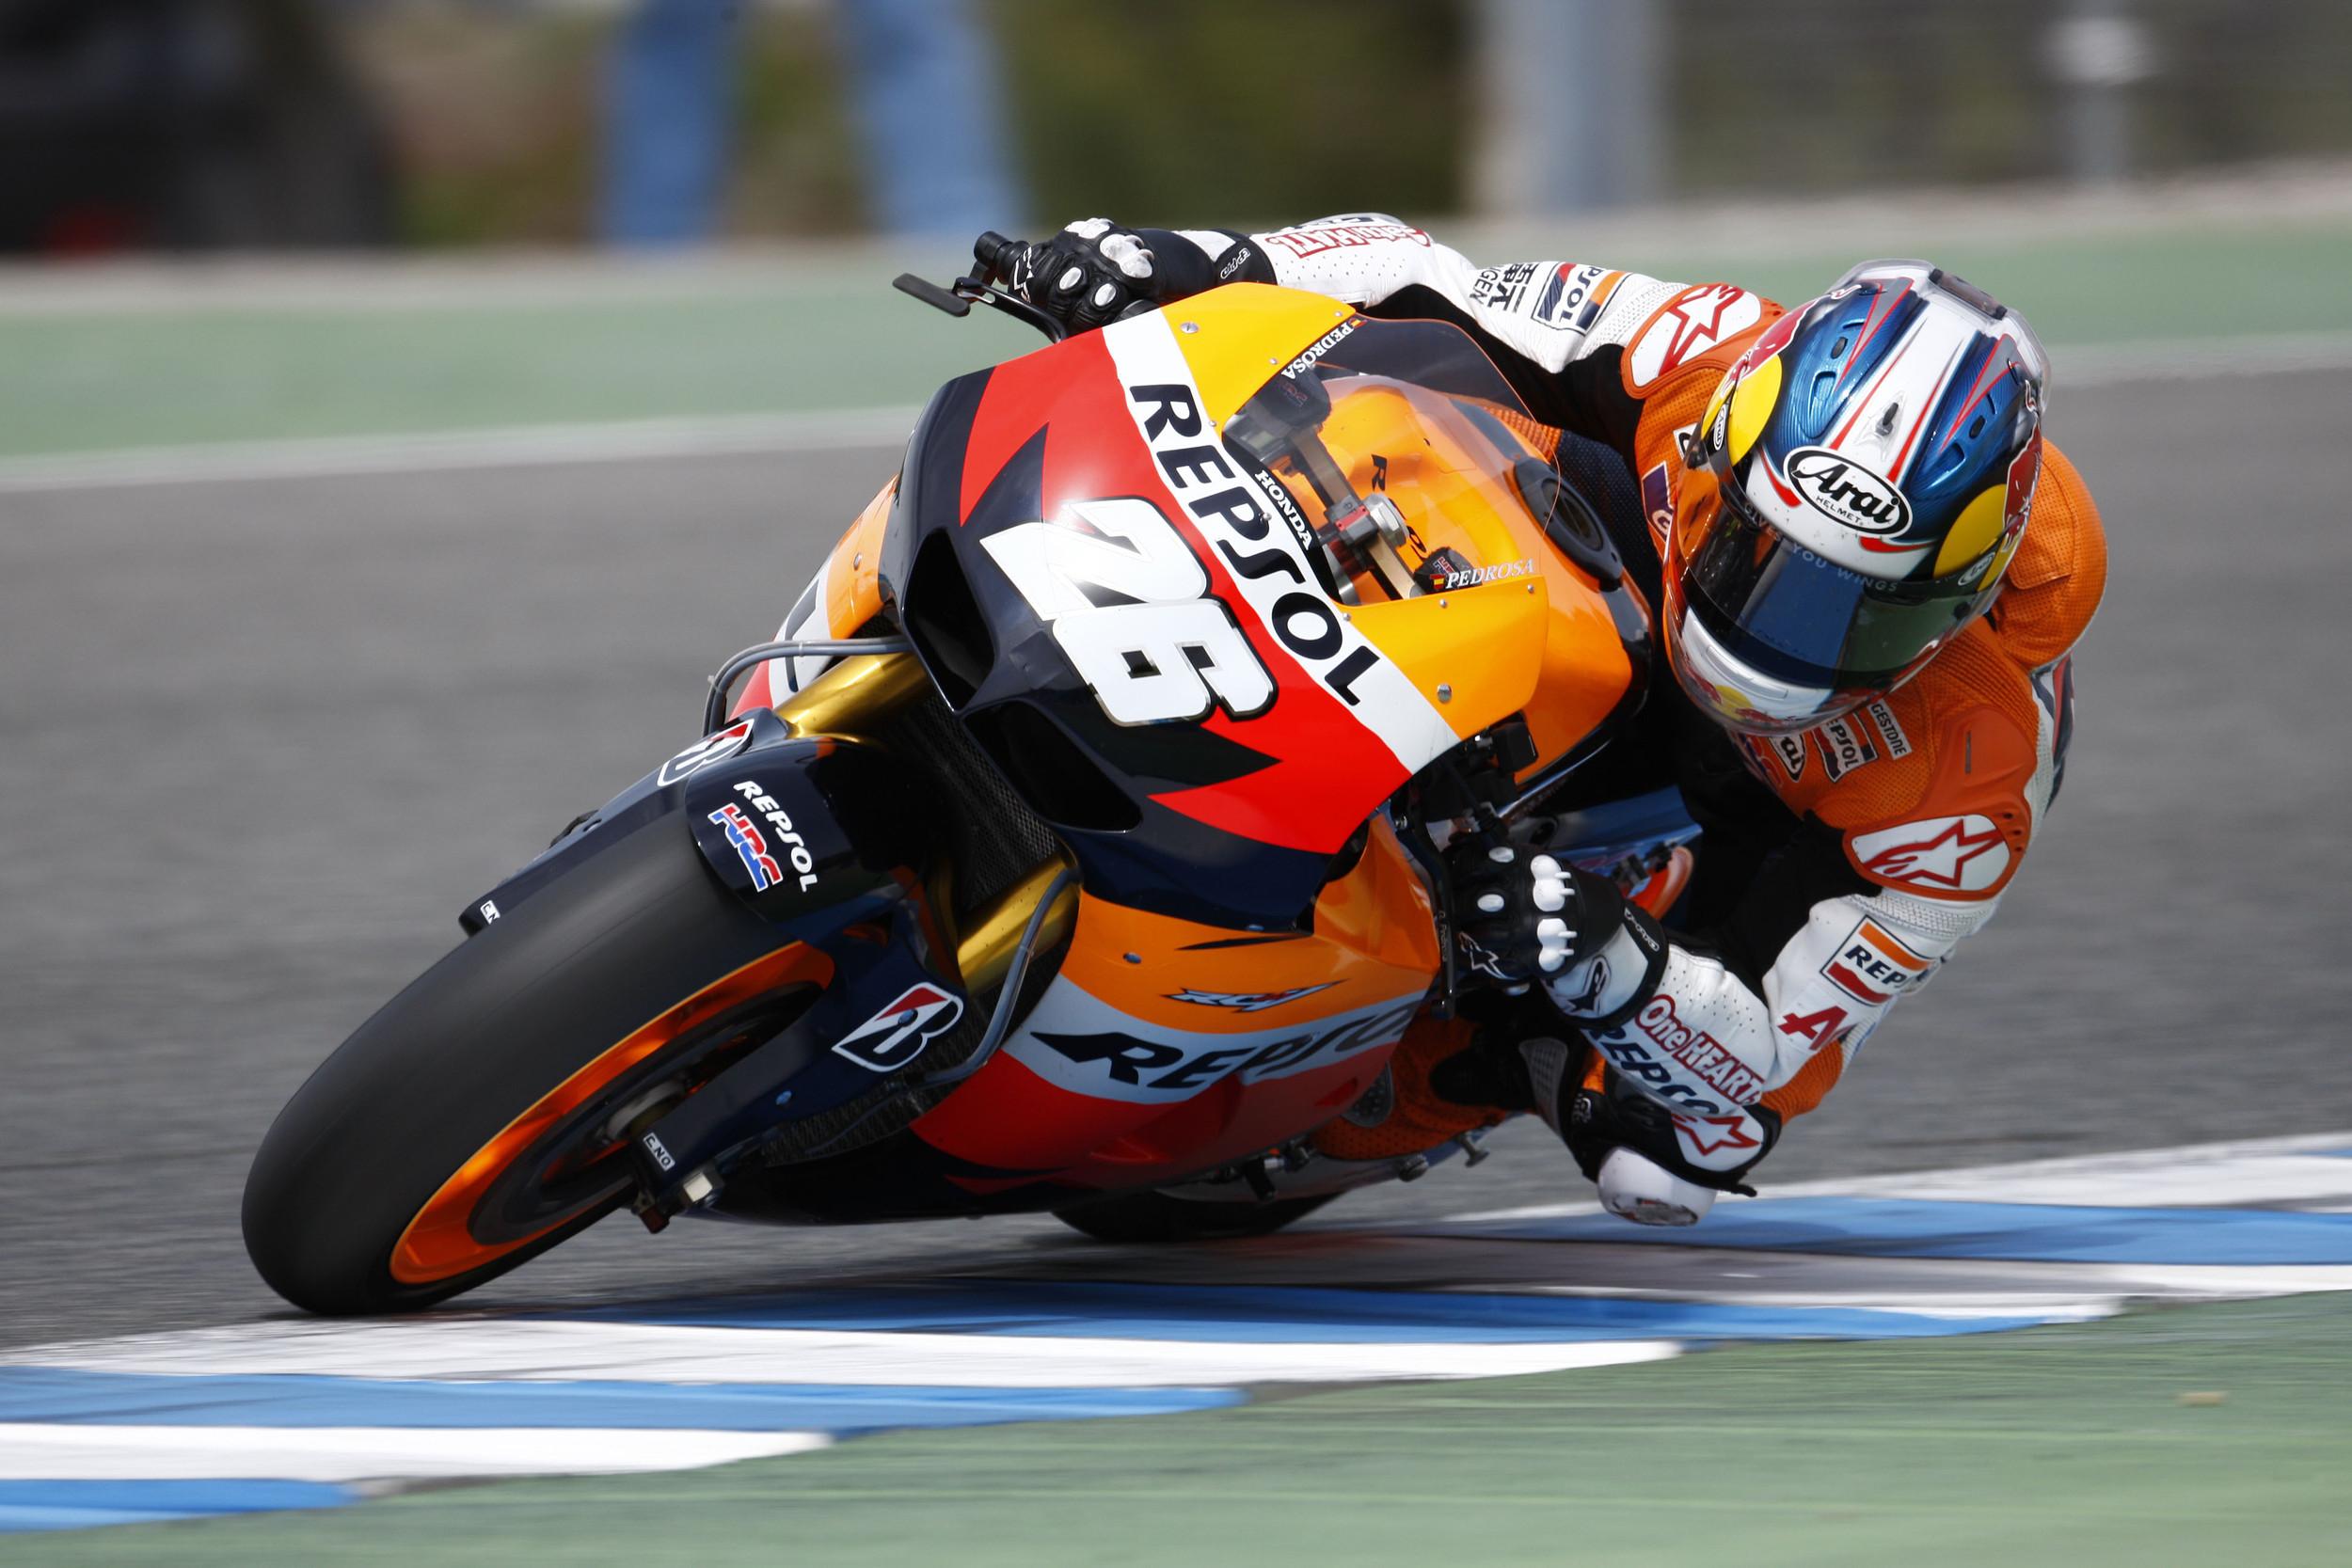 MotoGP Wallpaper Widescreen - WallpaperSafari